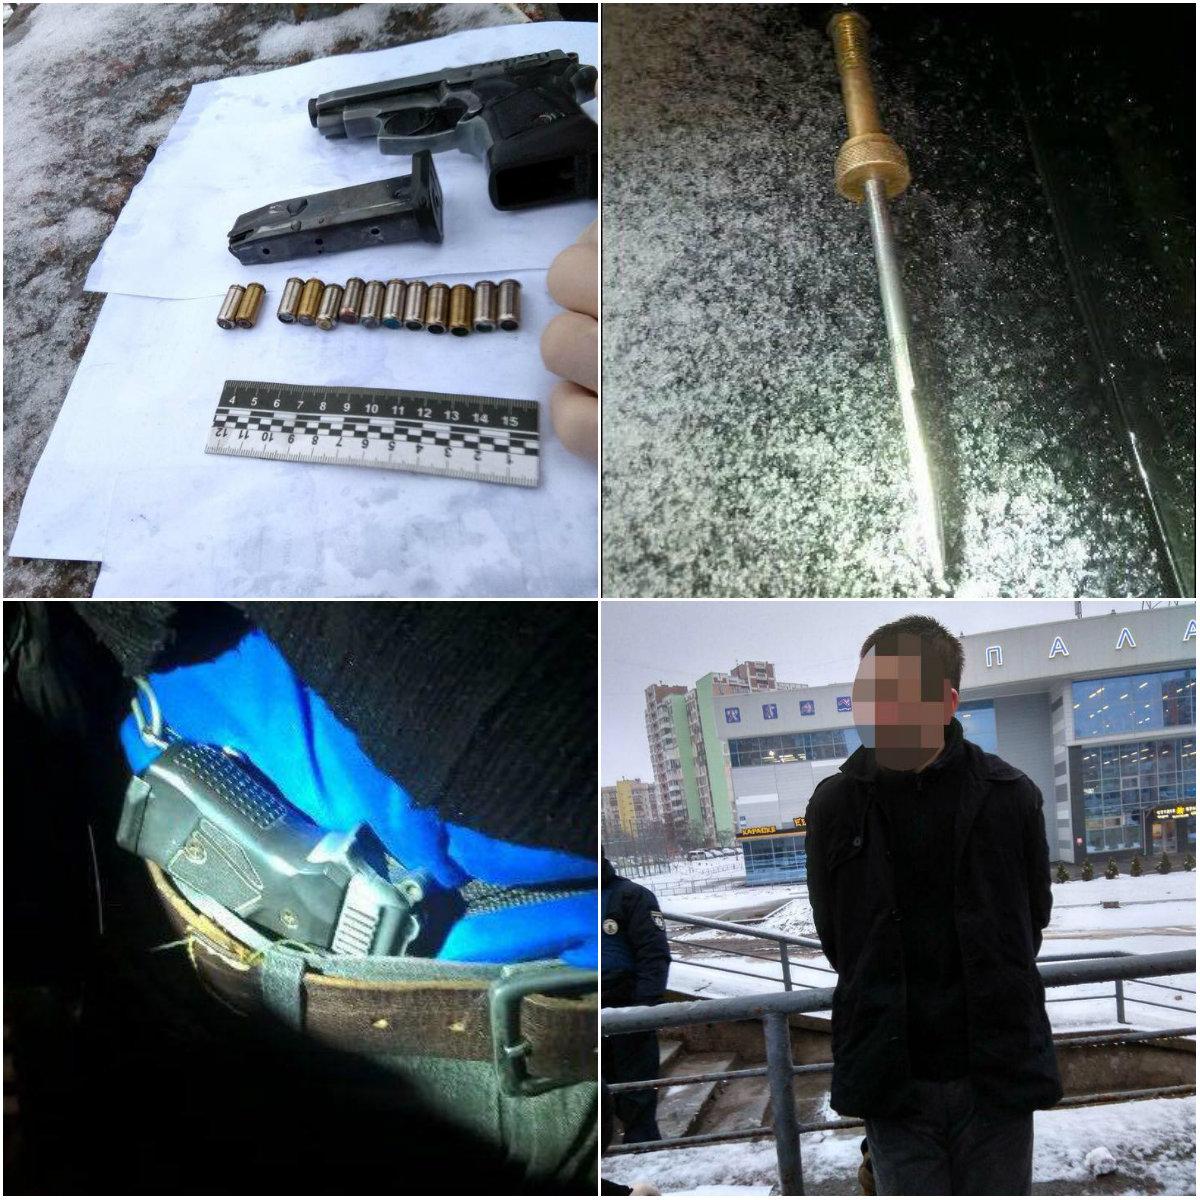 """30-летнего злоумышленника задержали, у него обнаружили предмет, похожий на переделанный боевой пистолет, и """"заточку"""""""